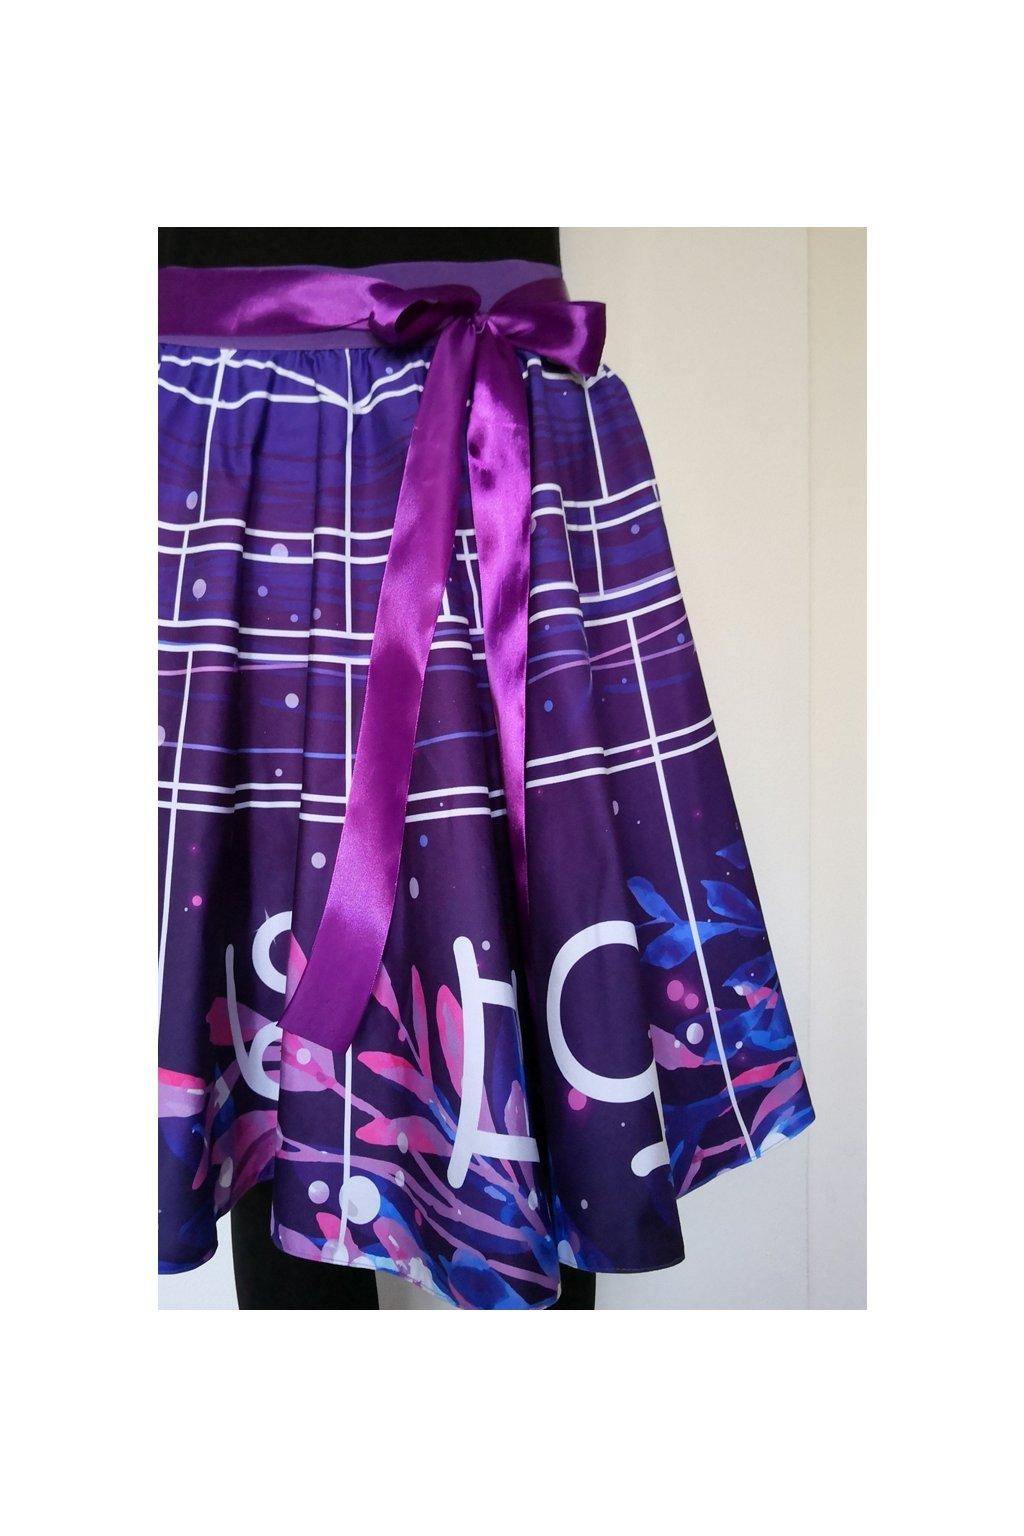 Kolová sukně Horoskopová | plátno